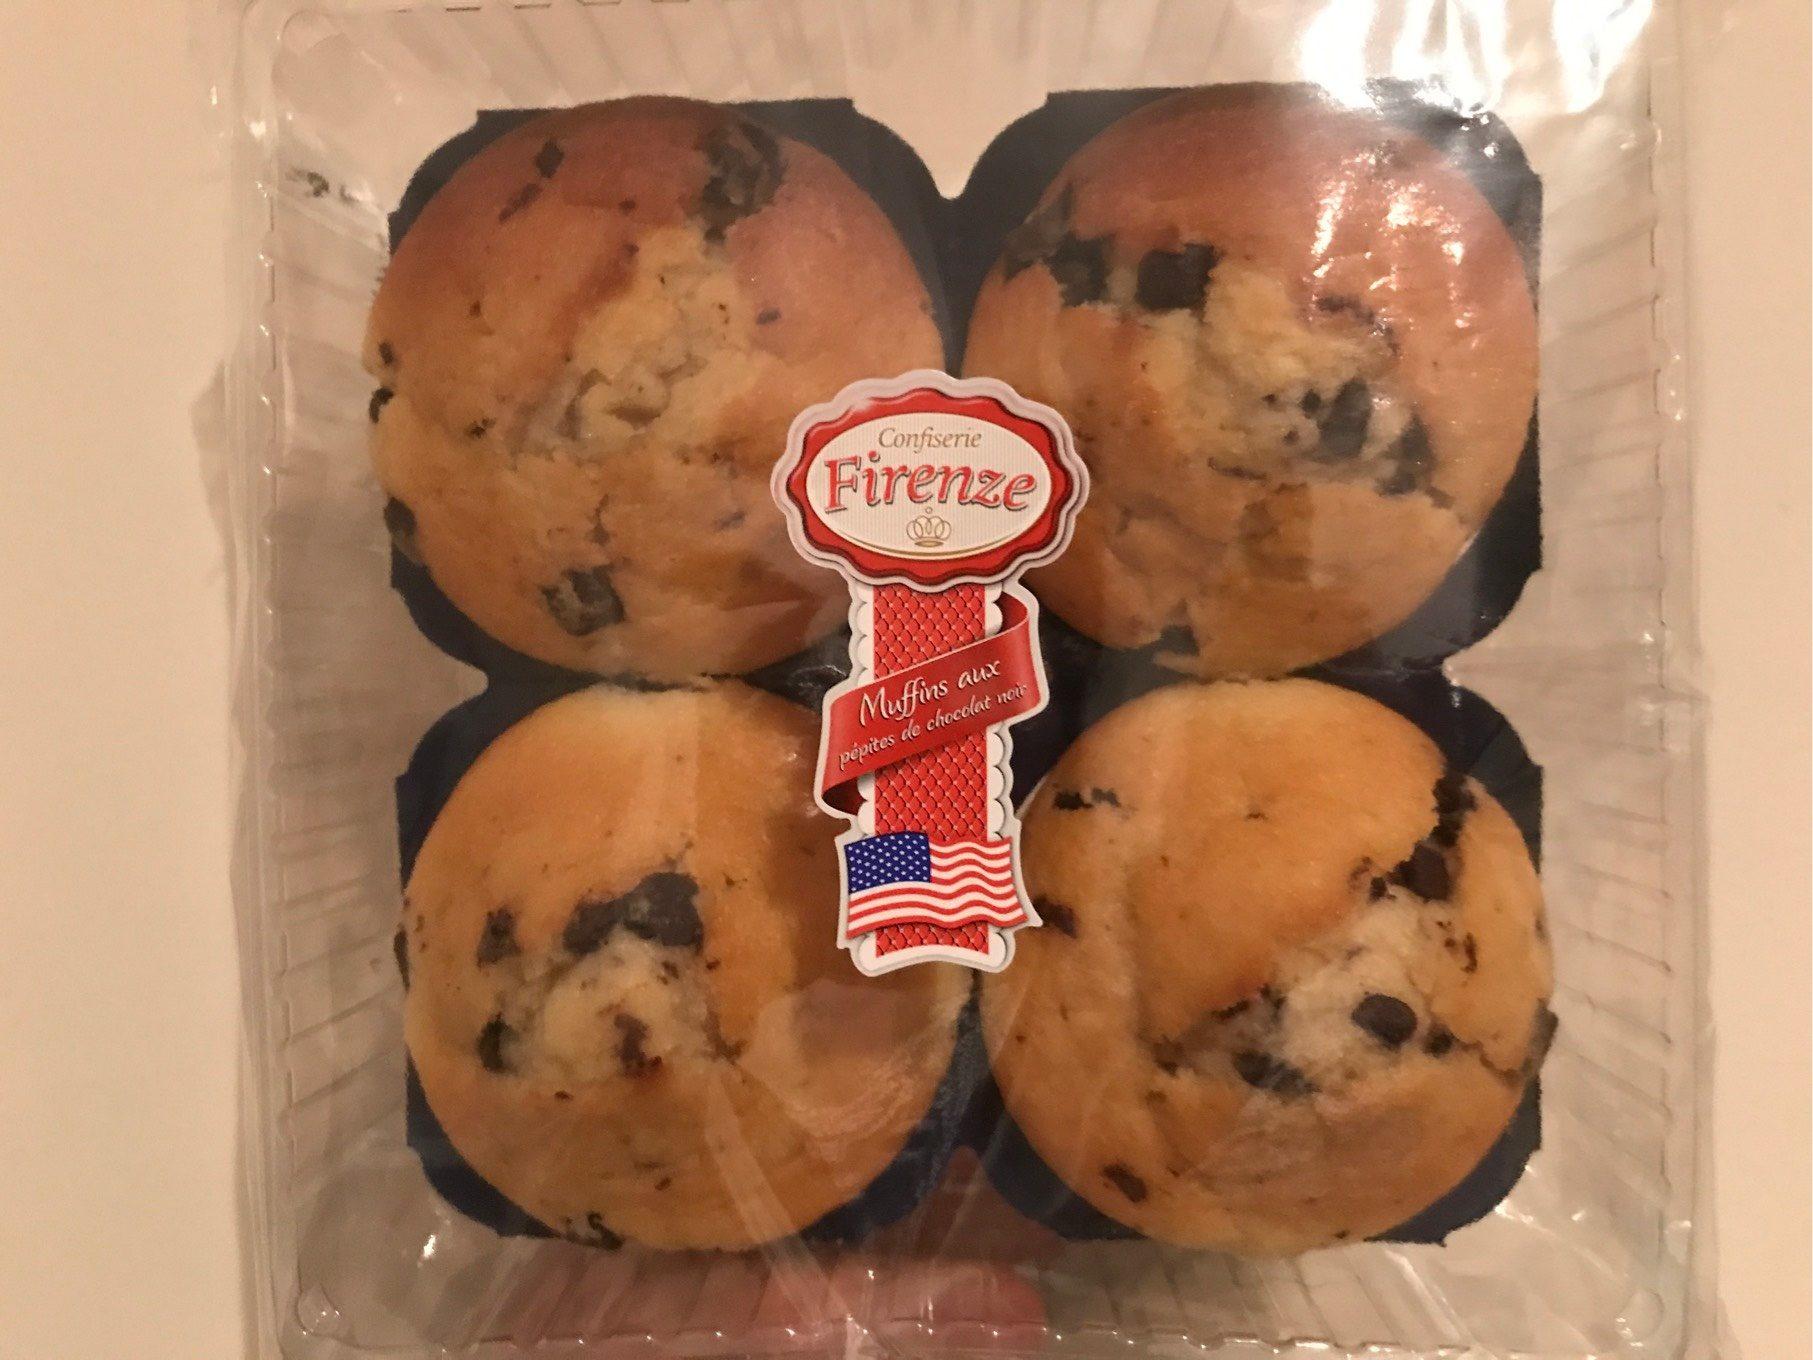 Muffins aux pepites de chocolat noir - Product - fr